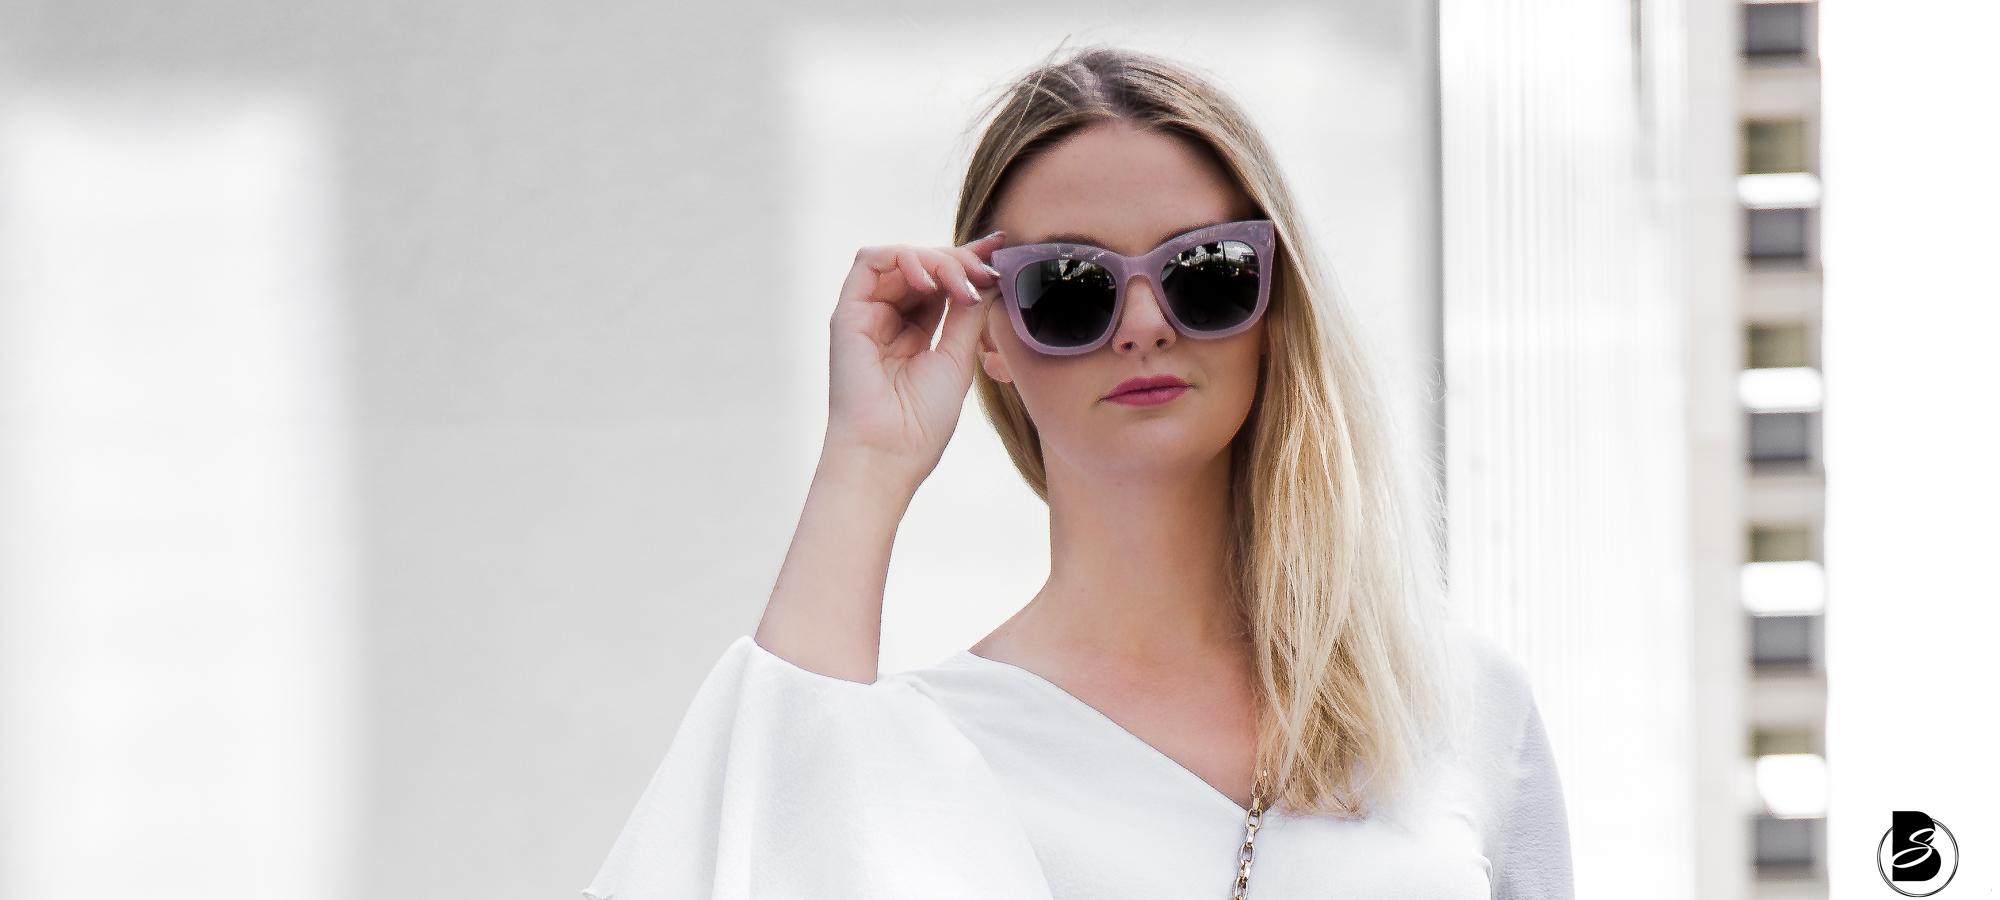 Be Sassique ist dein Modeblog, dein Beautyblog, dein Lifestyleblog und dein Travelblog aus München. Schau vorbei für neue Modetrends, innovative Beautyprodukte, interessanten Lifestyle Neuigkeiten und die schönsten Reisezielen.